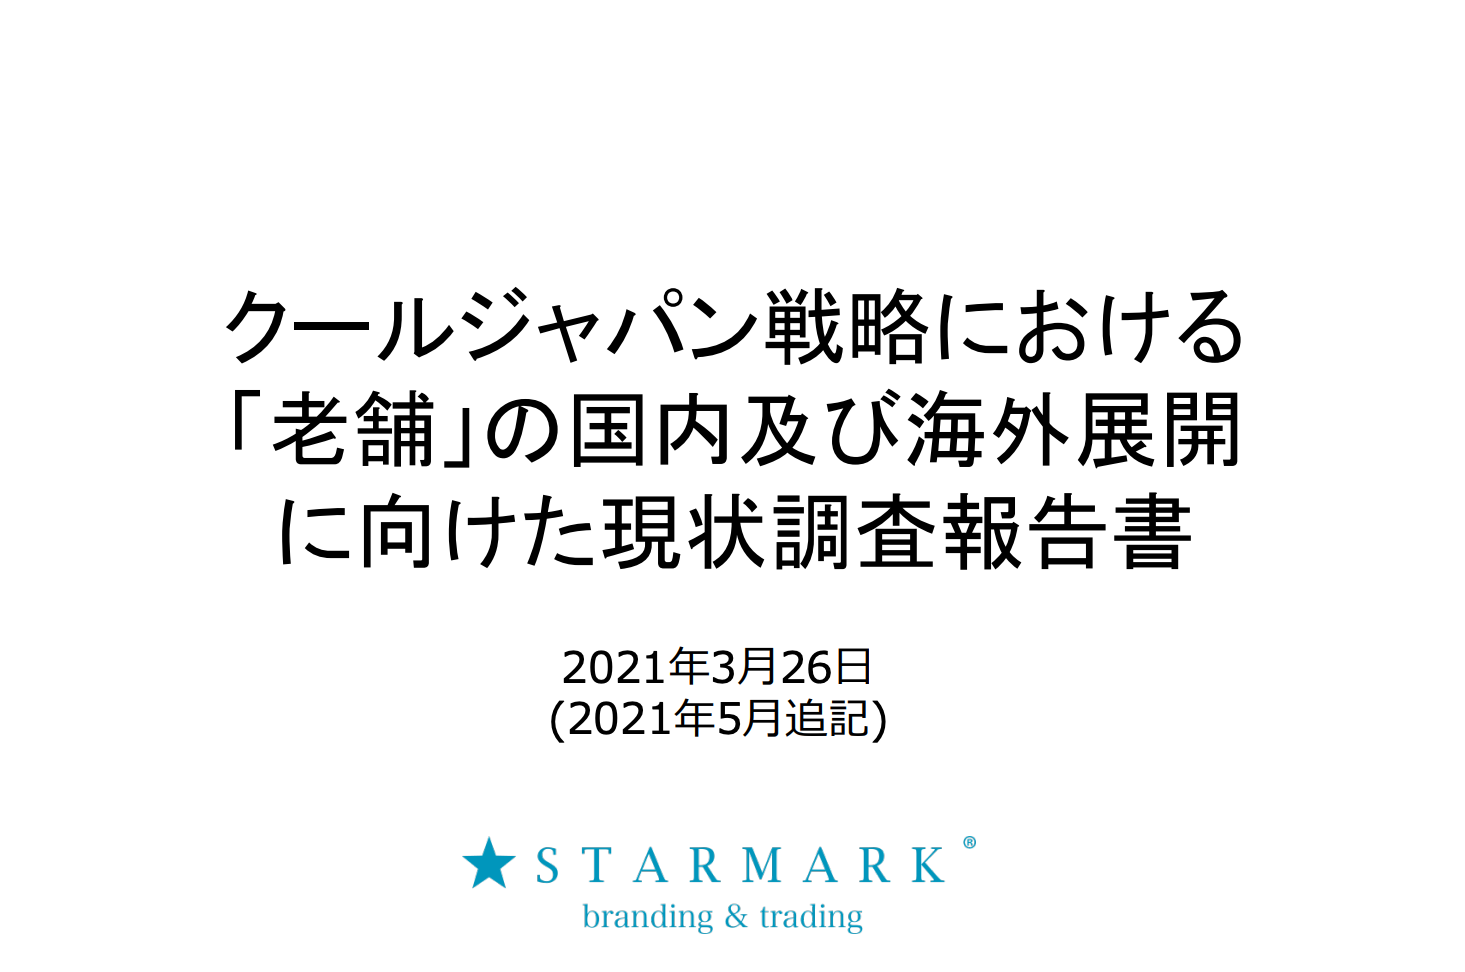 内閣府 クールジャパン戦略において老舗に関する調査報告書を納品しました